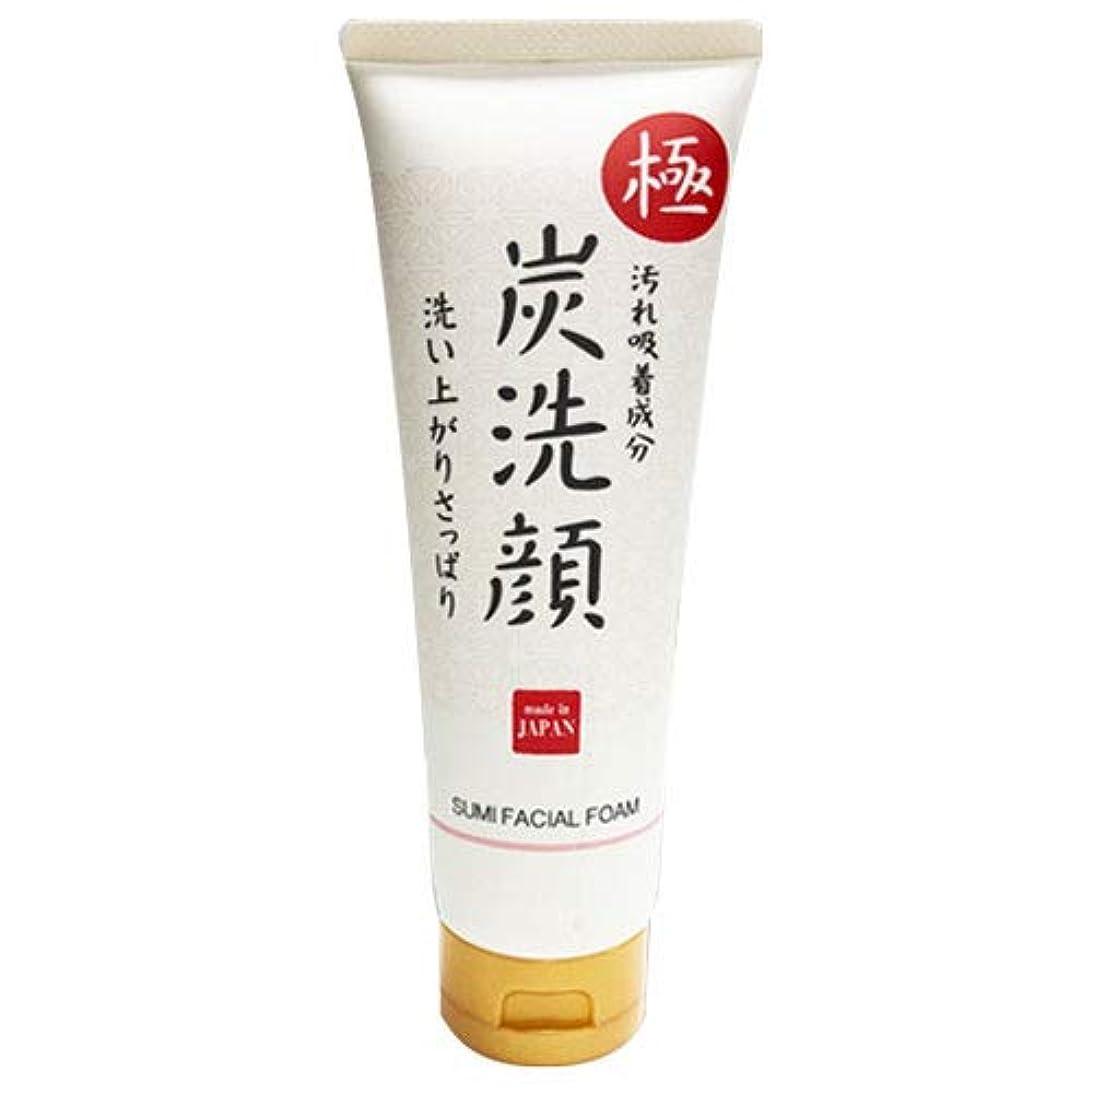 分類マトロン副詞極 炭洗顔 日本製 炭 洗顔 フェイスケア 肌 美容 スキンケア クレンジング 素肌 もっちり泡洗顔 化粧品 メイク落とし 毛穴ケア 毛穴汚れ